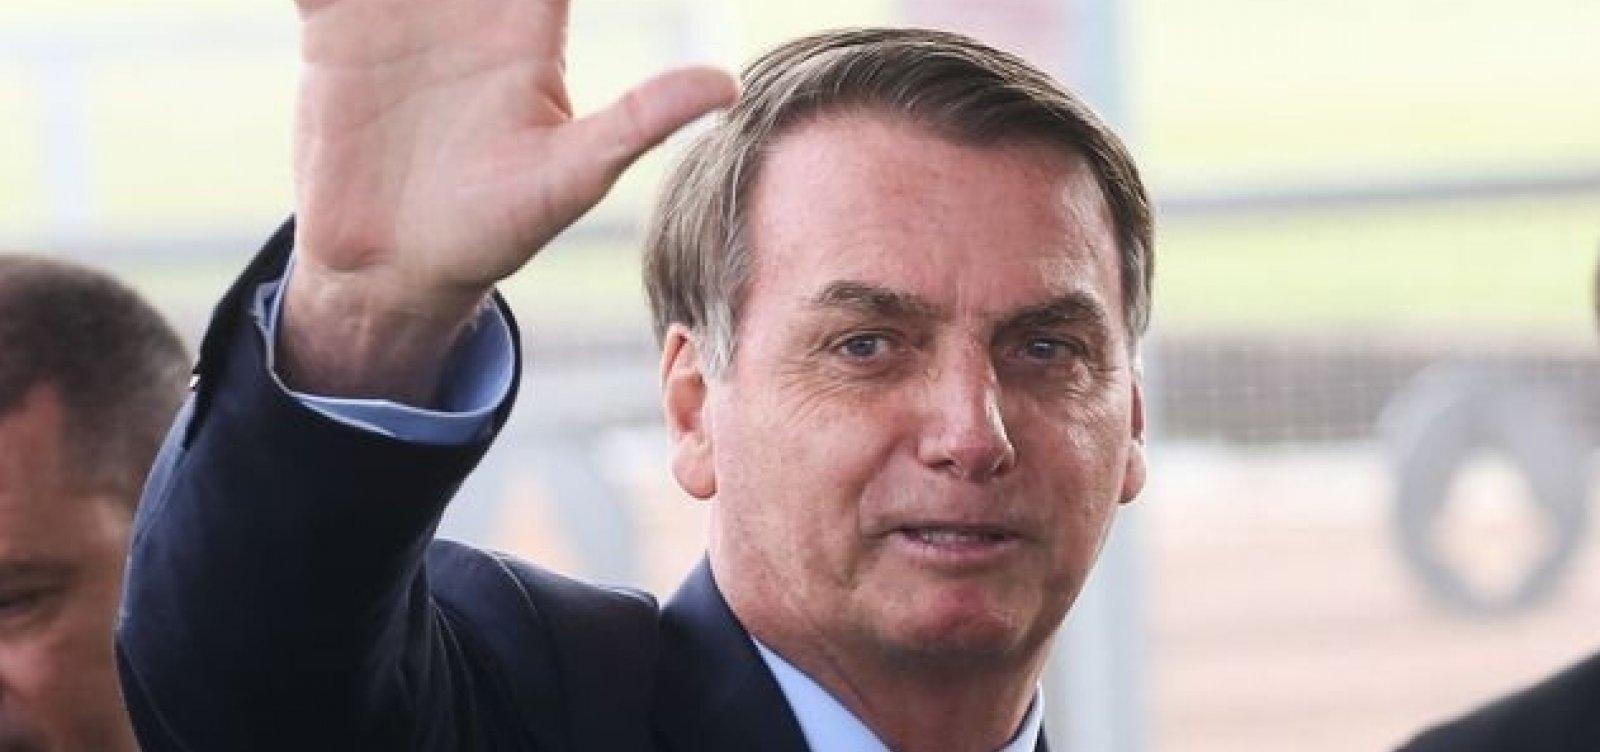 ['Um lixo', diz Bolsonaro sobre Greenpeace]